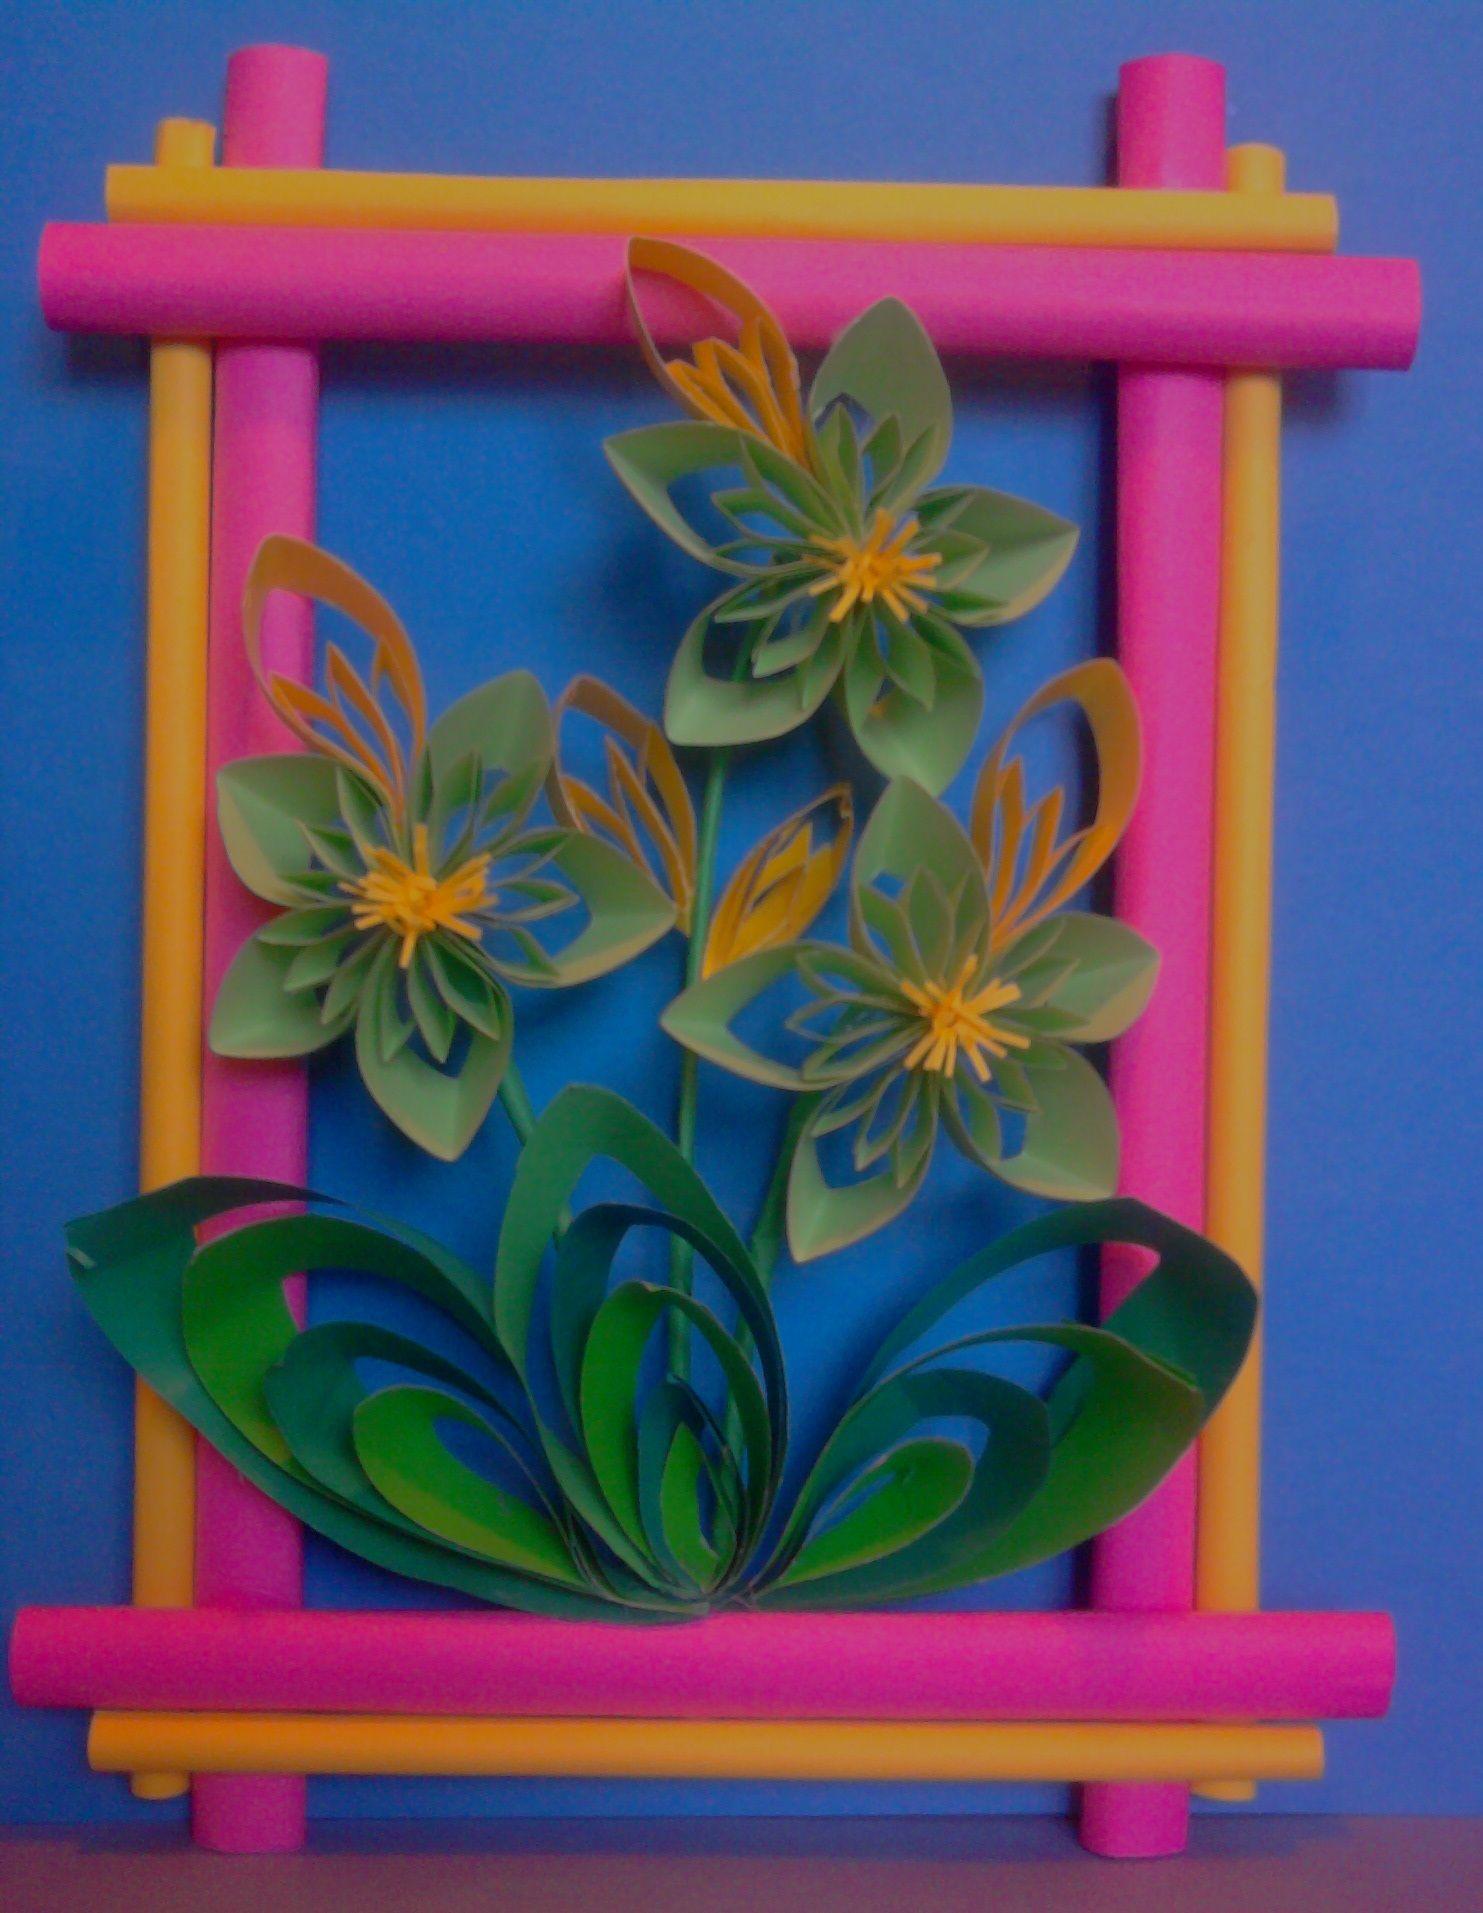 Kwiaty Z Papieru Ikebana Prace Plastyczne Dariusz Zolynski Flowers Paper Paper Flowers Orgiami Kirigami Wycinan Paper Crafts Paper Flowers Paper Art